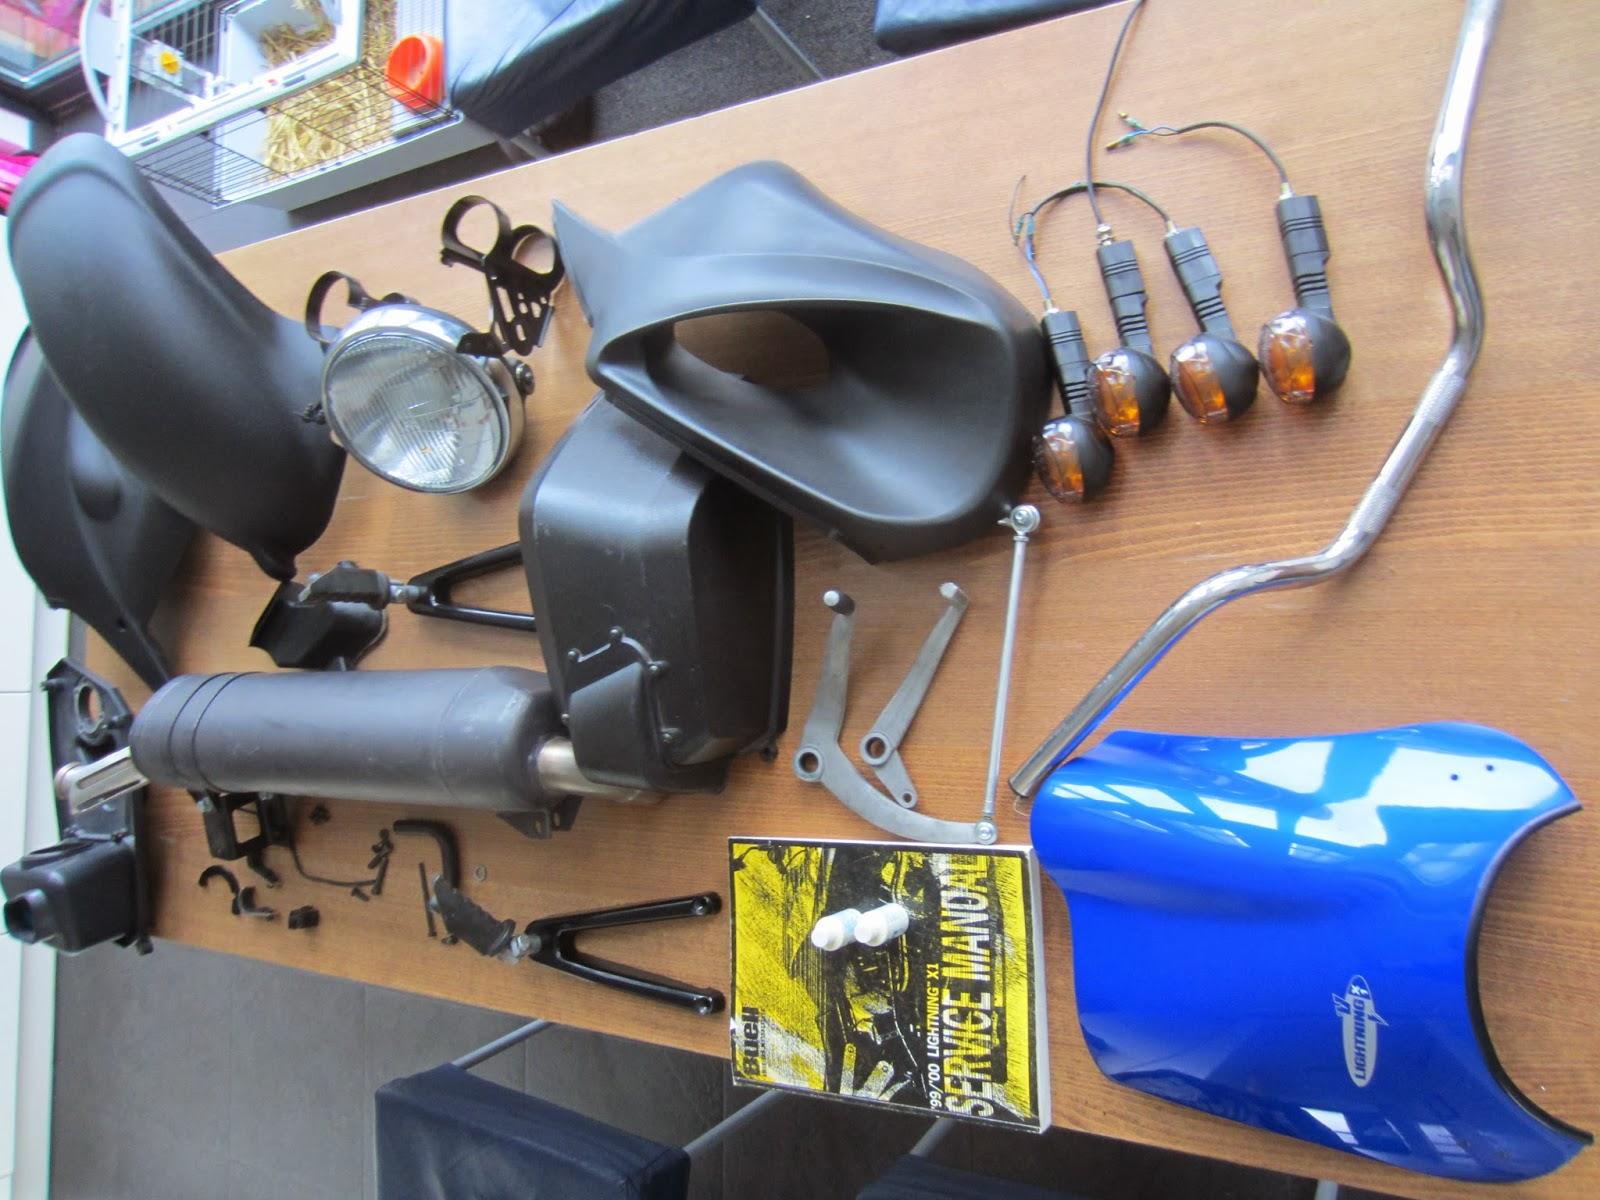 dd motorcycles buell x1 lightning rh daviddreesen blogspot com buell x1 owner's manual buell x1 lightning service manual